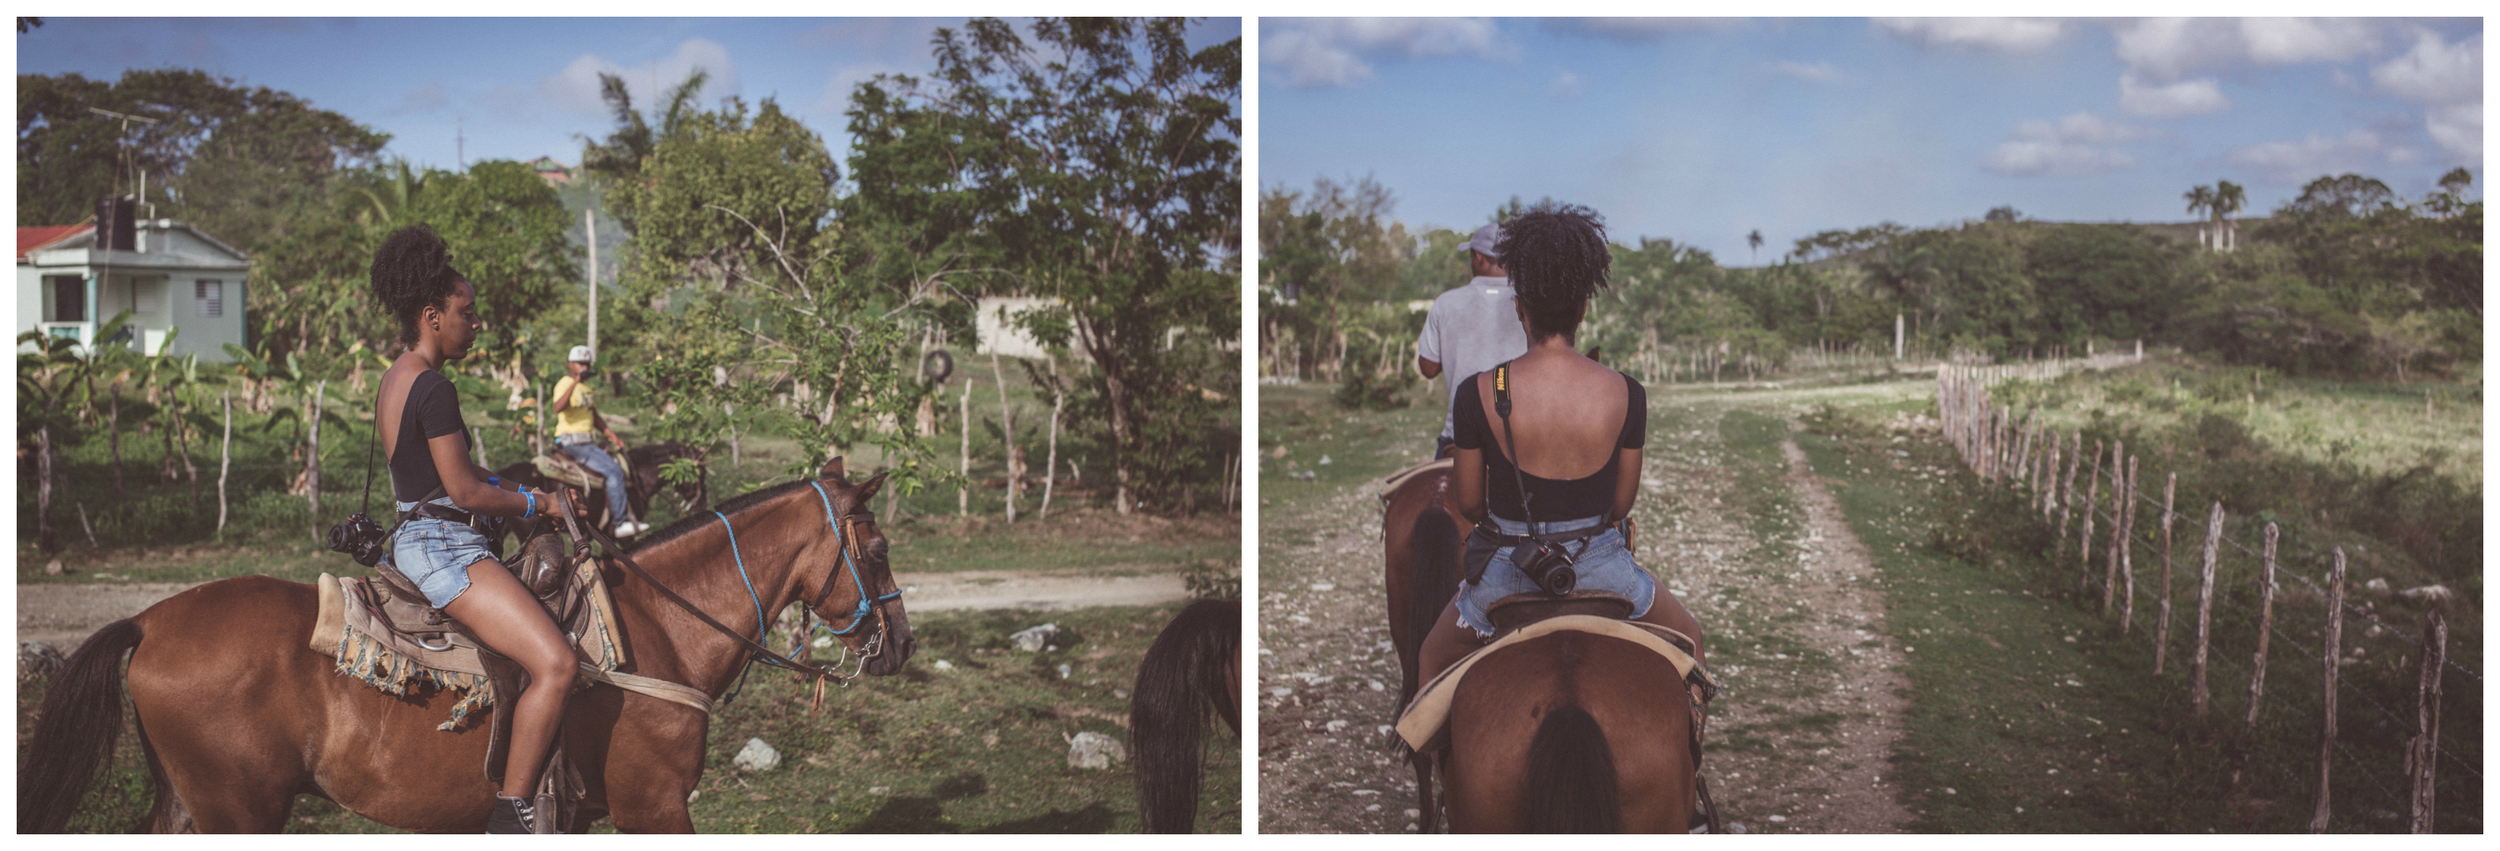 steph horse2.jpg